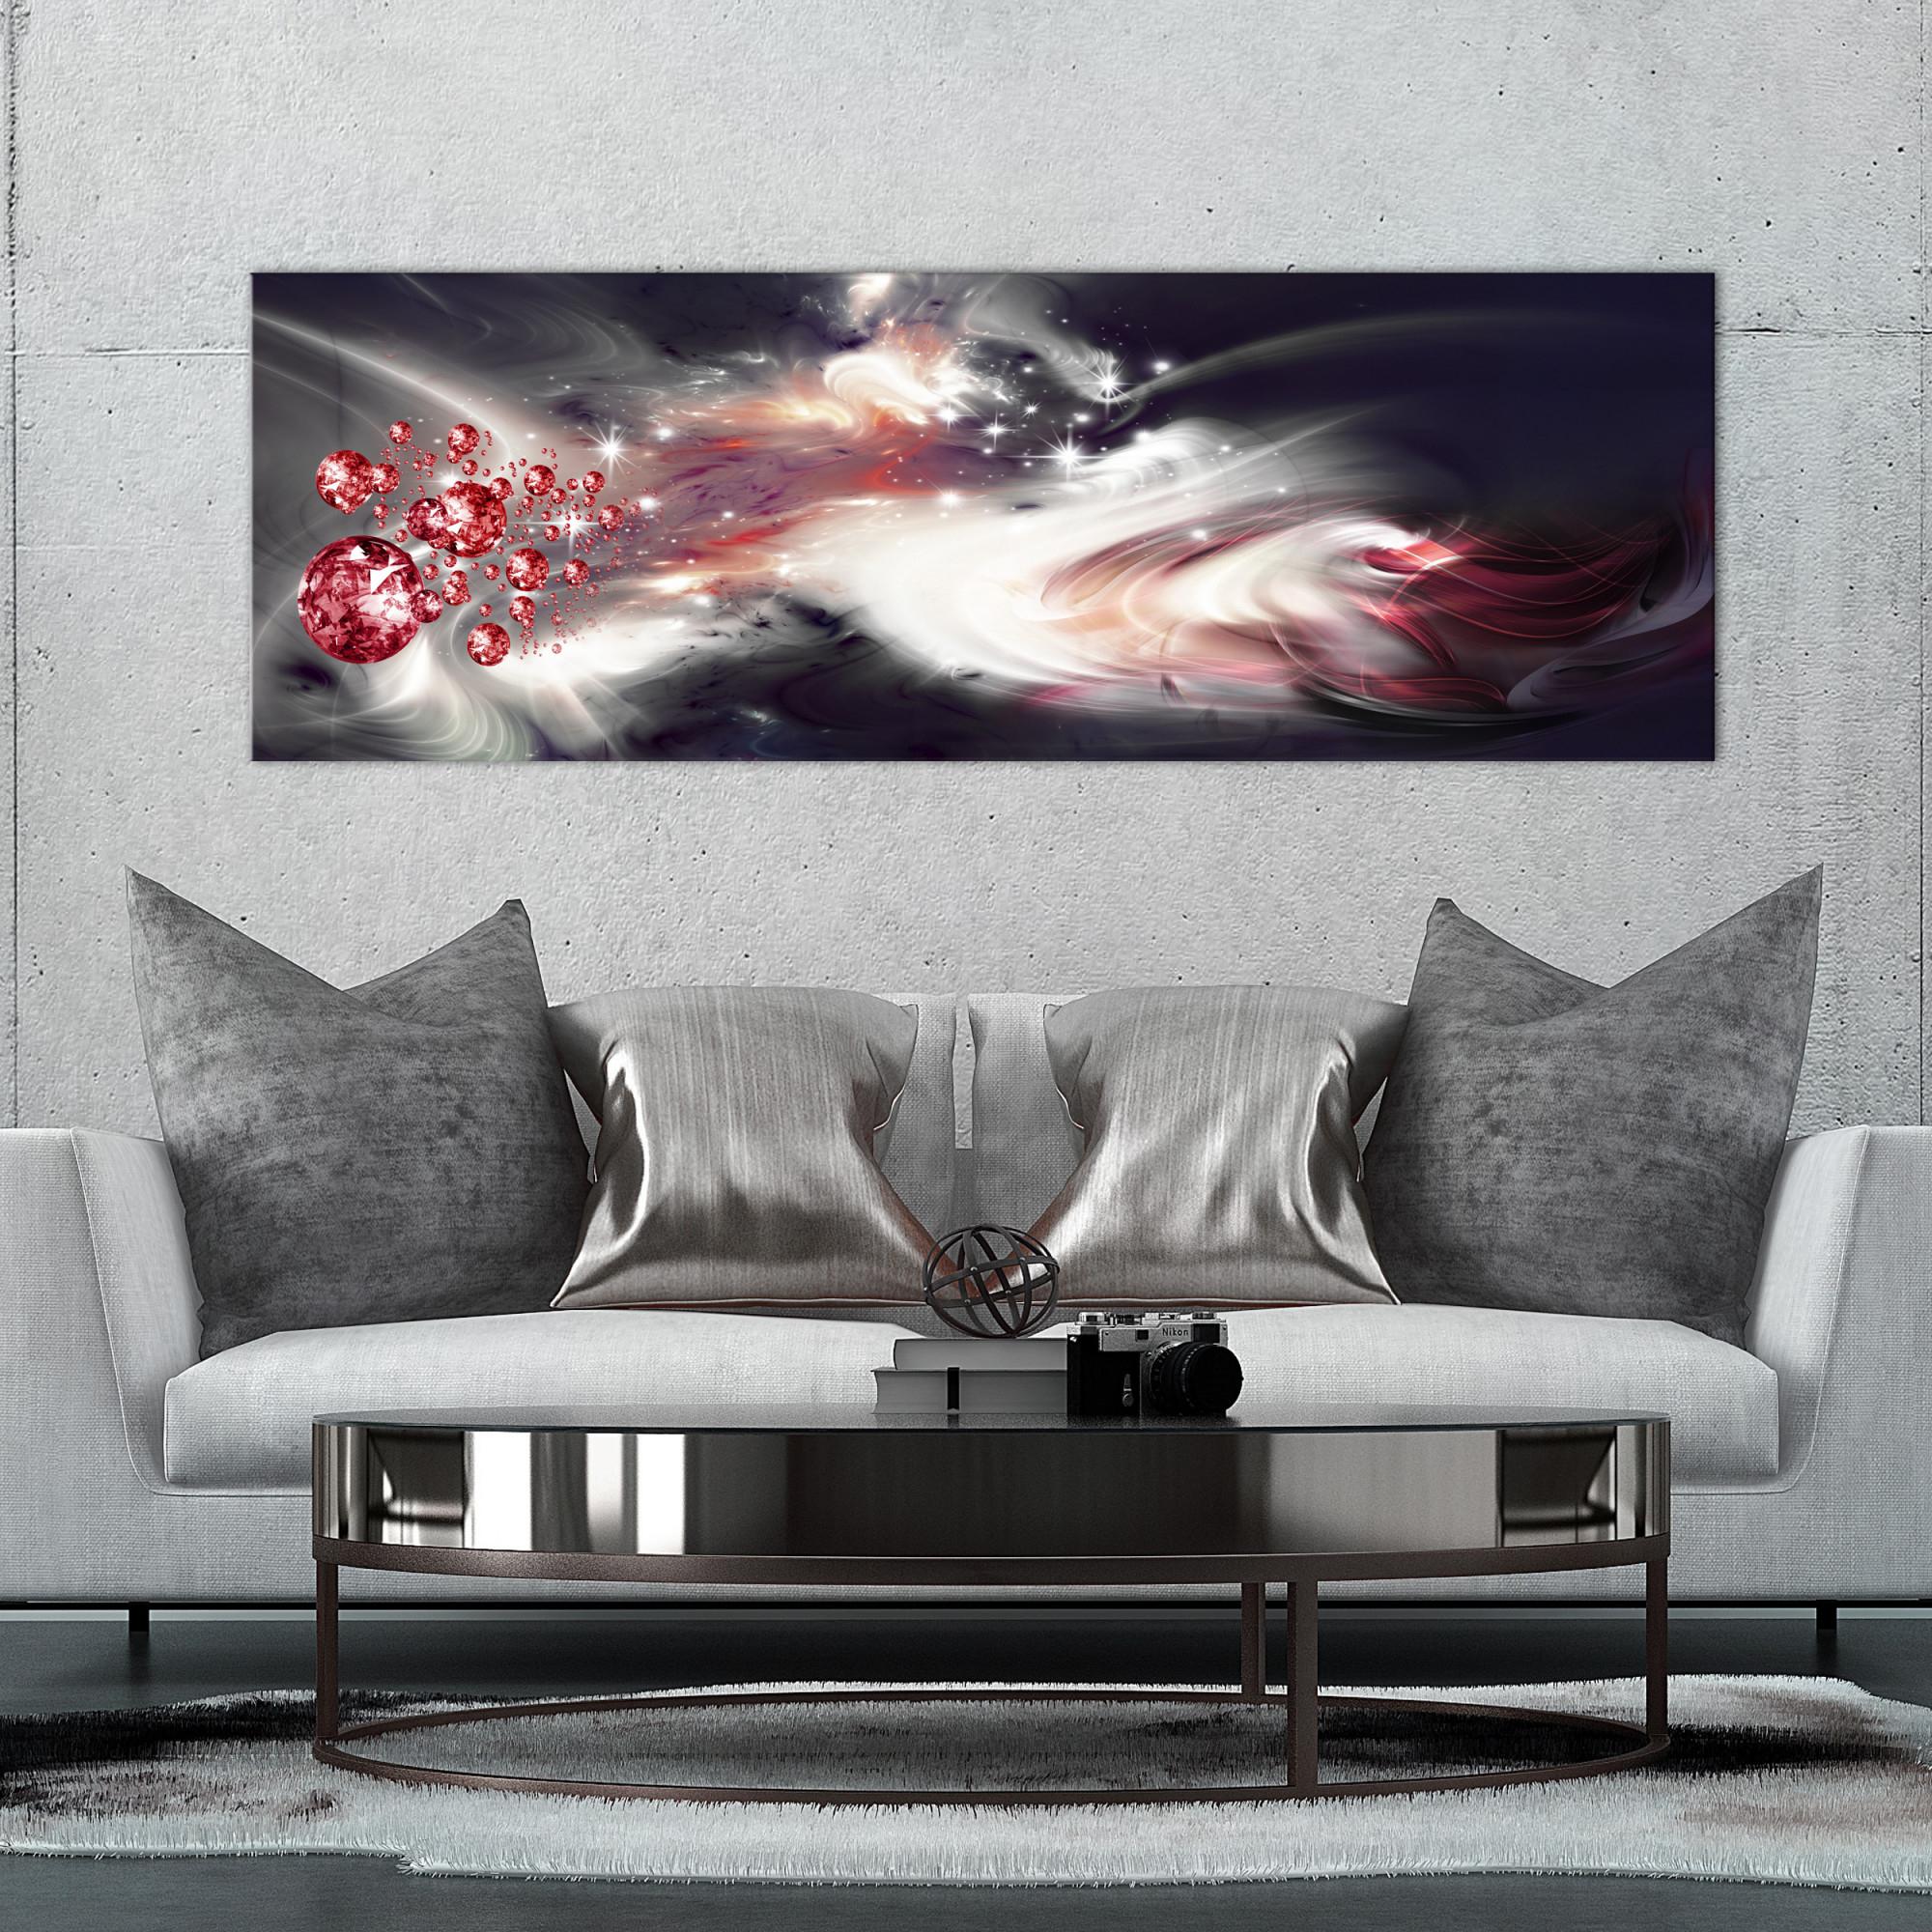 Details Zu Leinwand Deko Bilder Abstrakt Modern Wandbilder Xxl Wohnzimmer  Kunstdruck 9Motiv von Moderne Leinwandbilder Wohnzimmer Photo